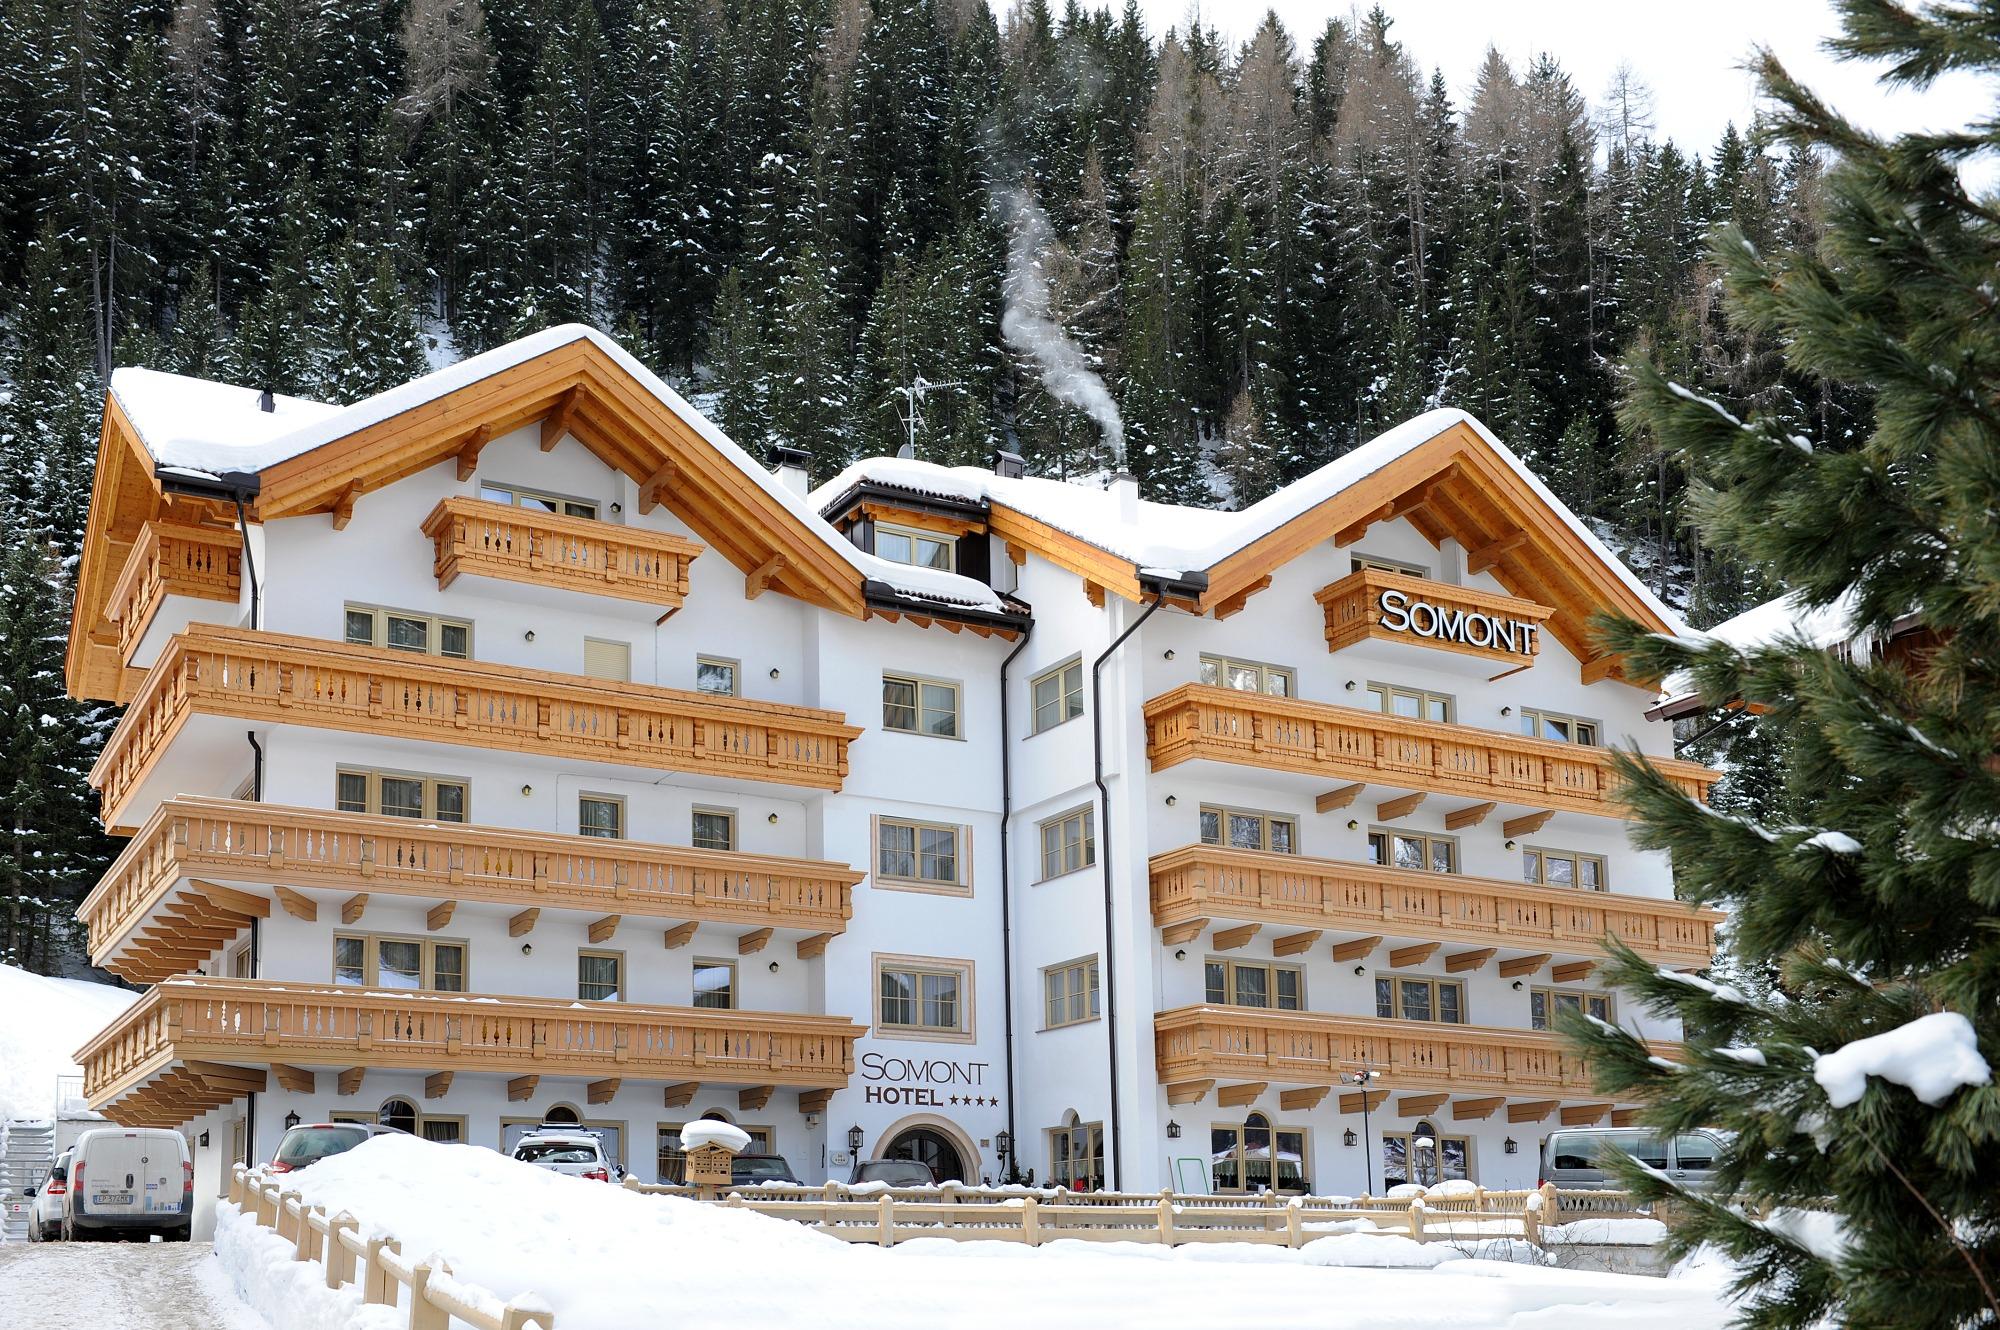 Hotel Somont in Val Gardena